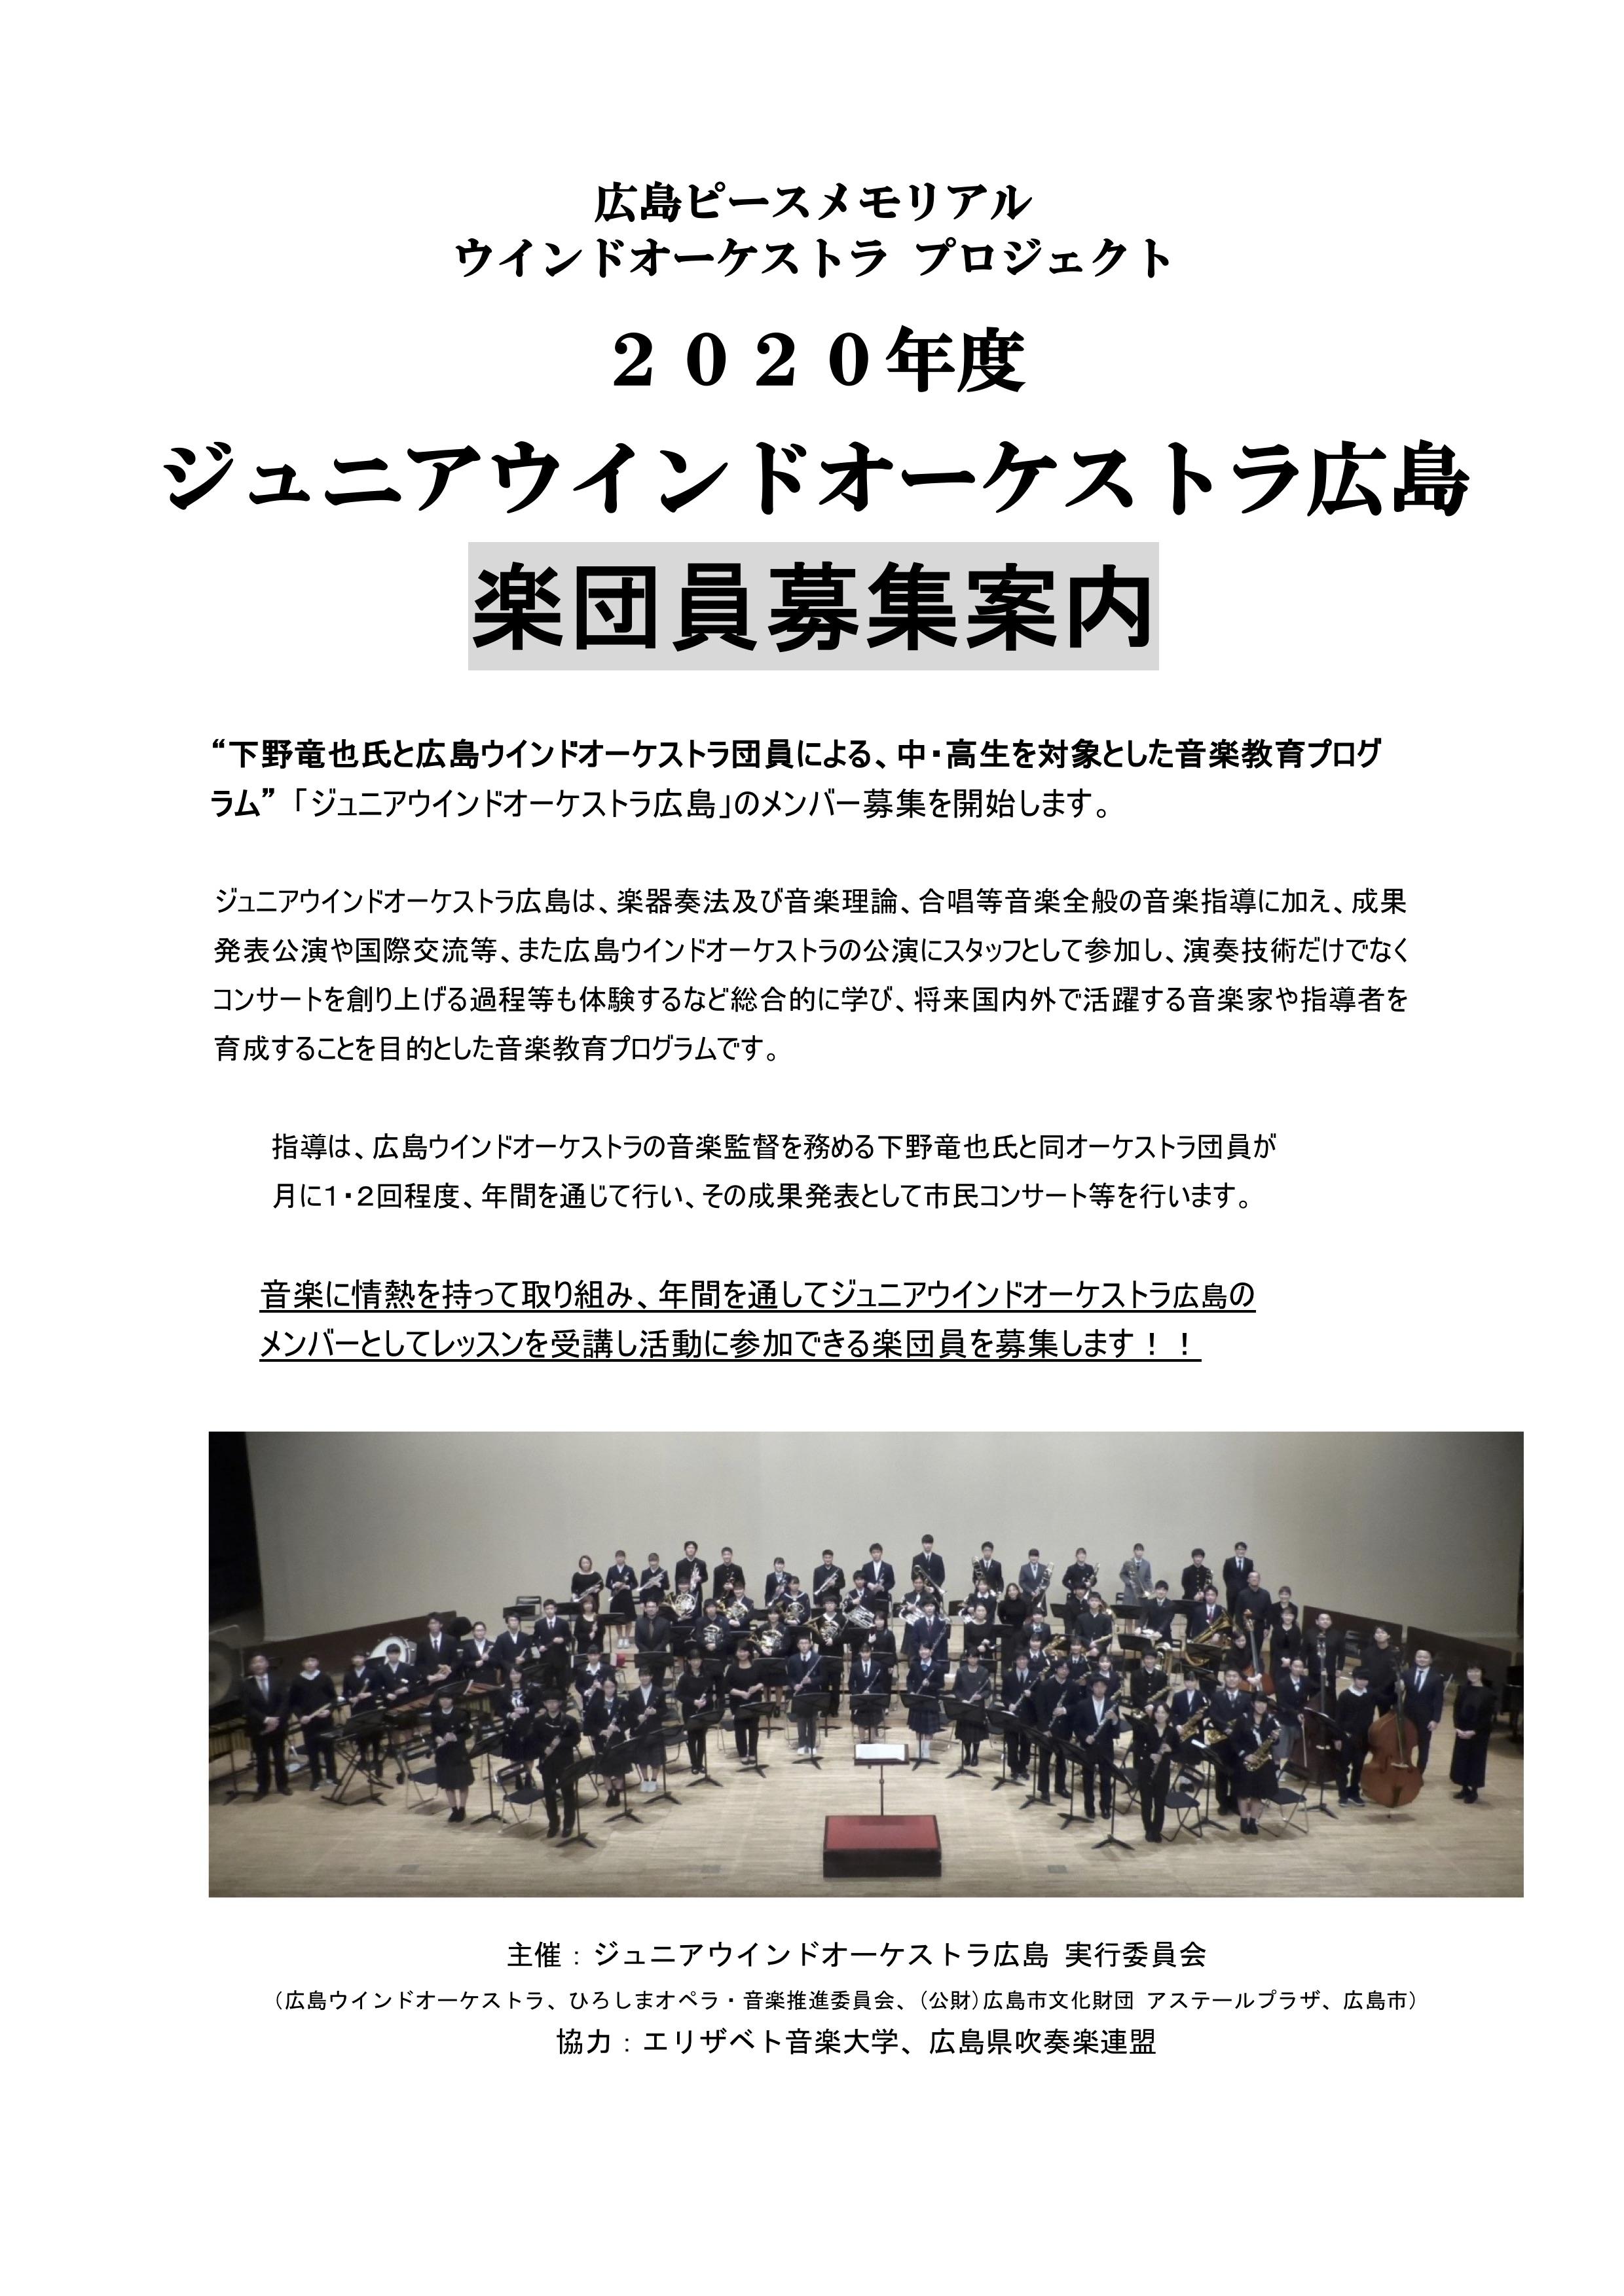 2020ジュニアウインド広島募集要項.jpg